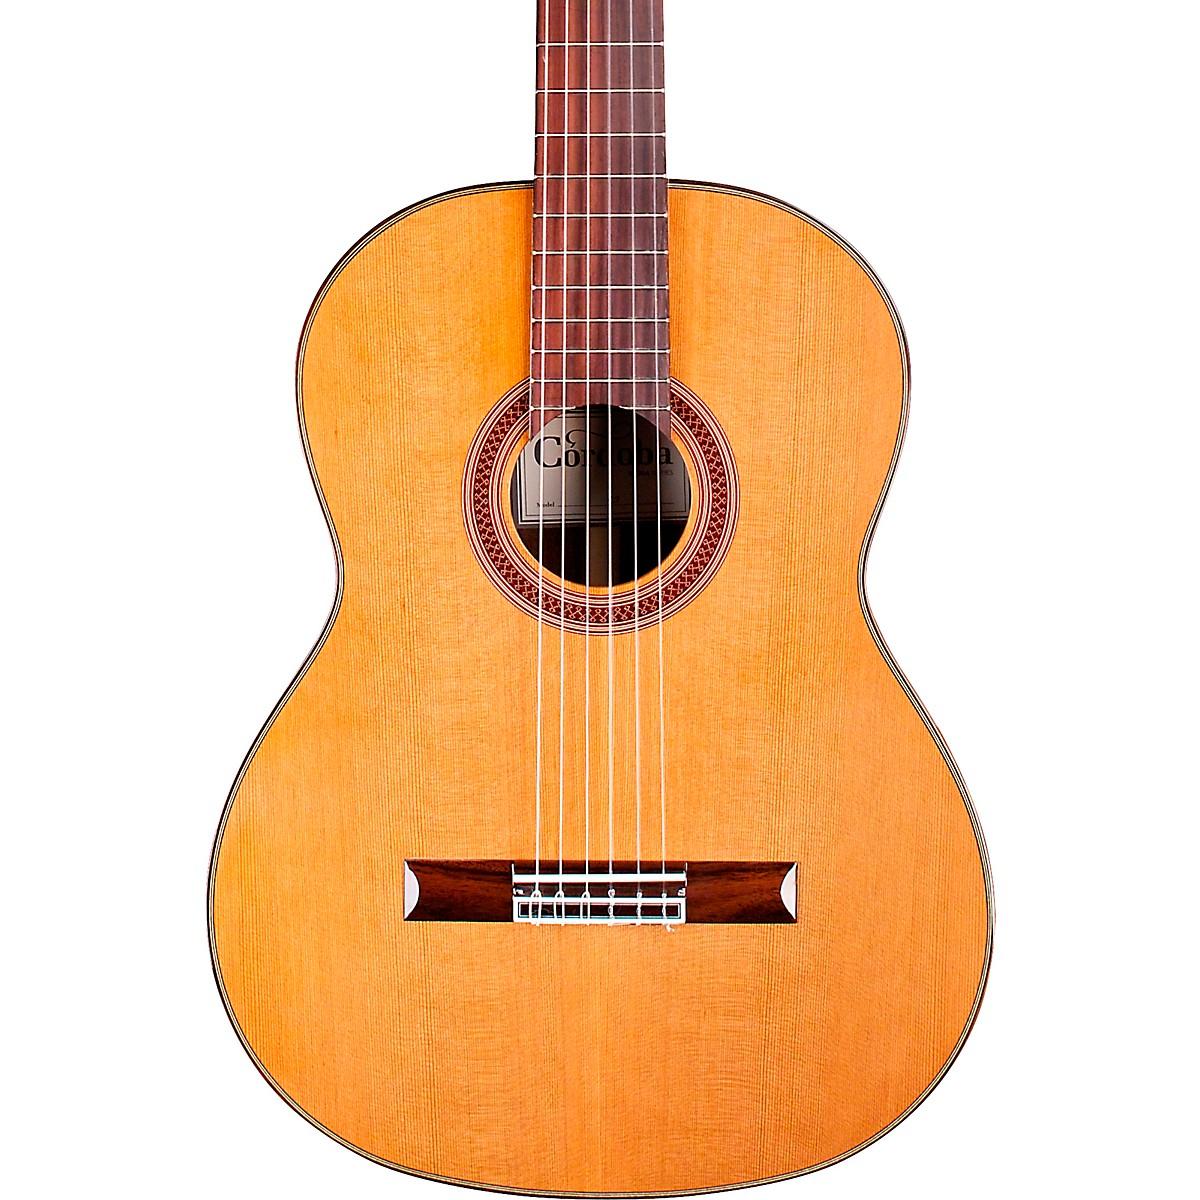 Cordoba C7 CD Classical Acoustic Guitar